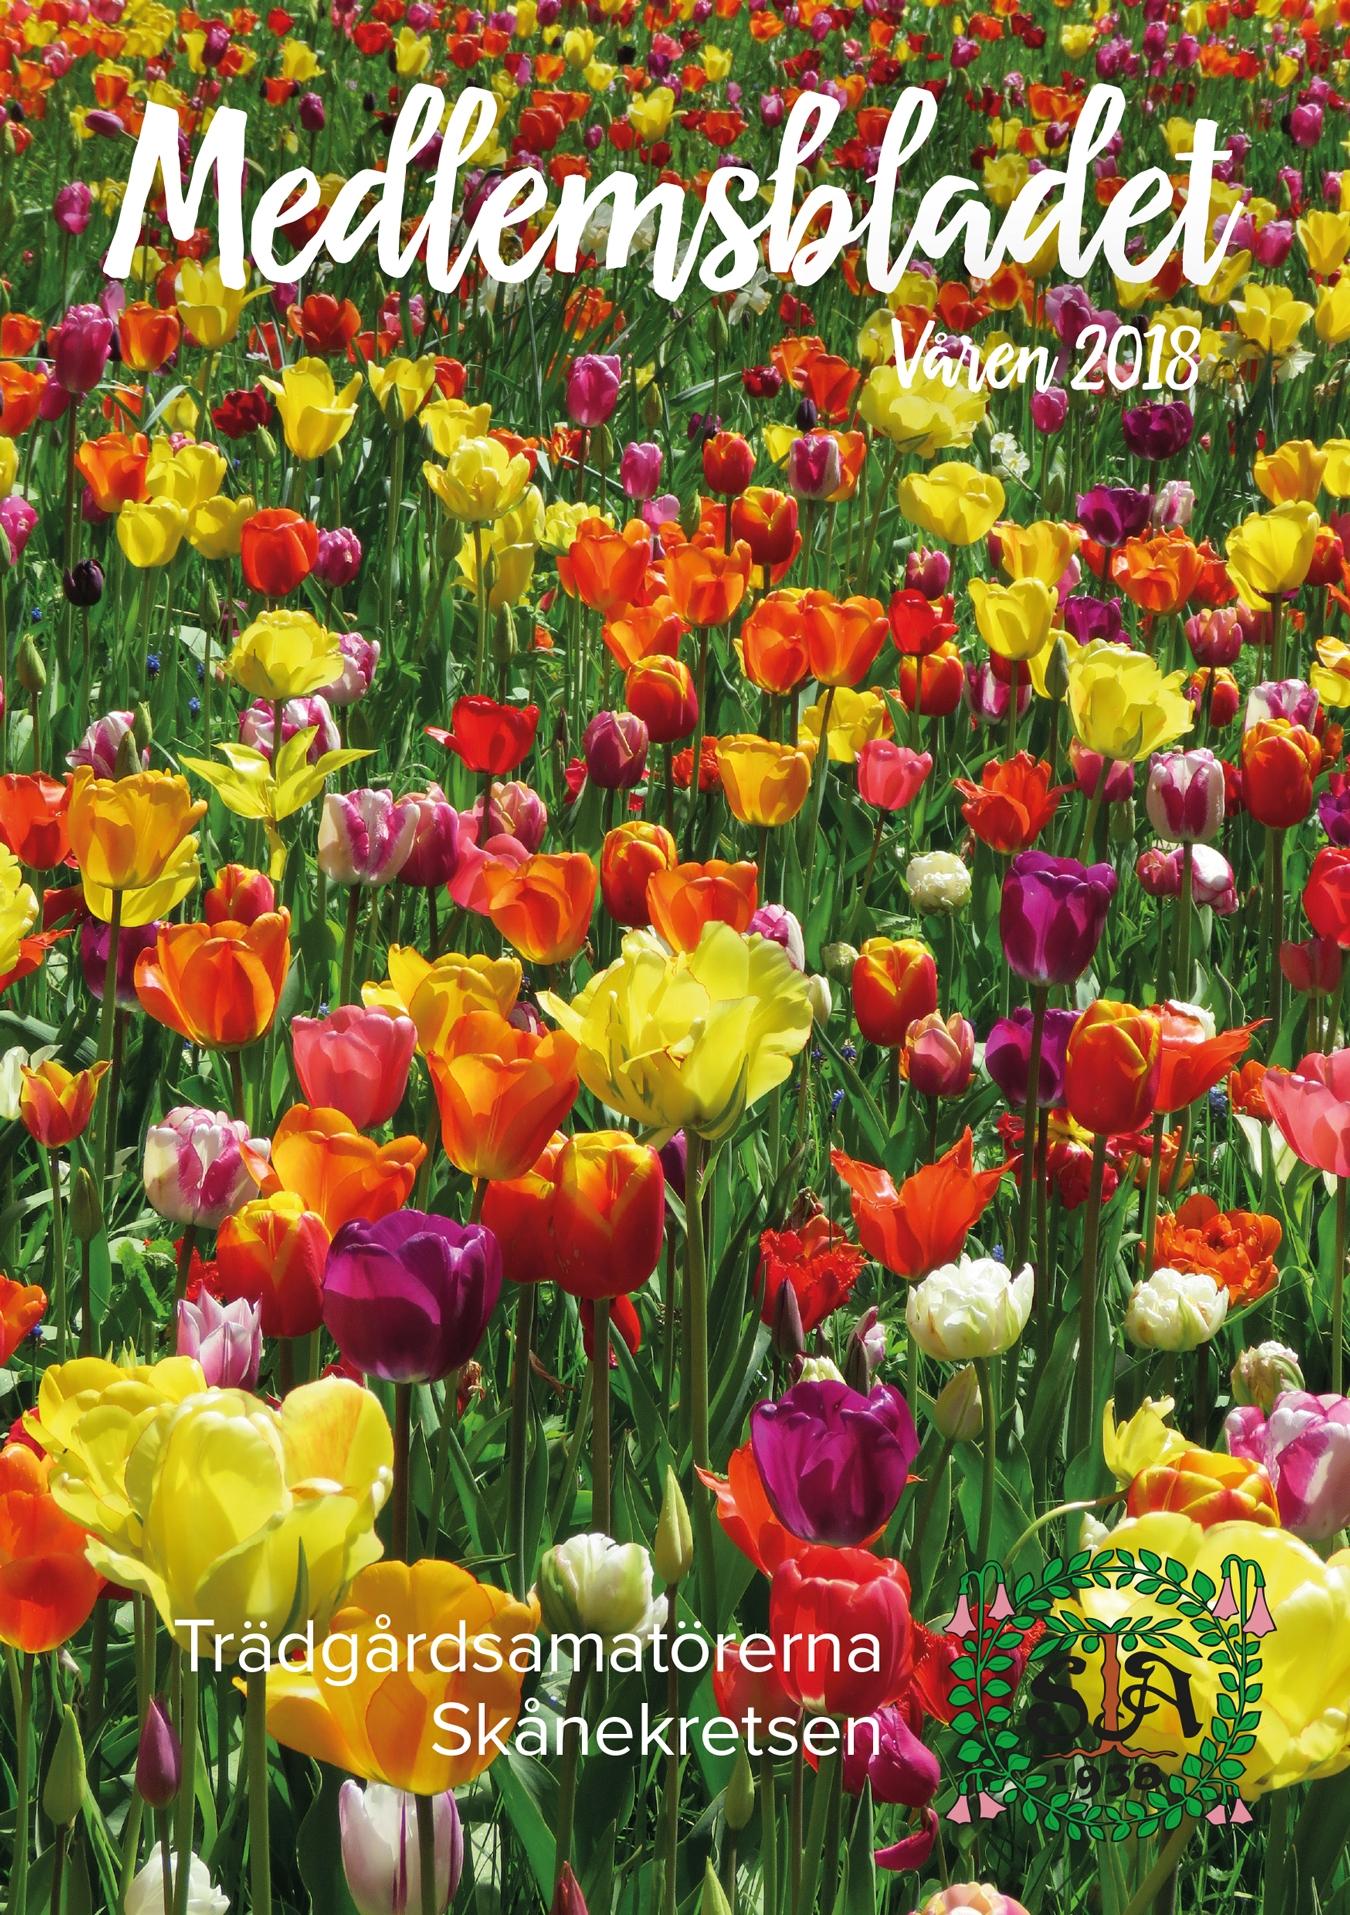 Medlemsbladet våren 2018